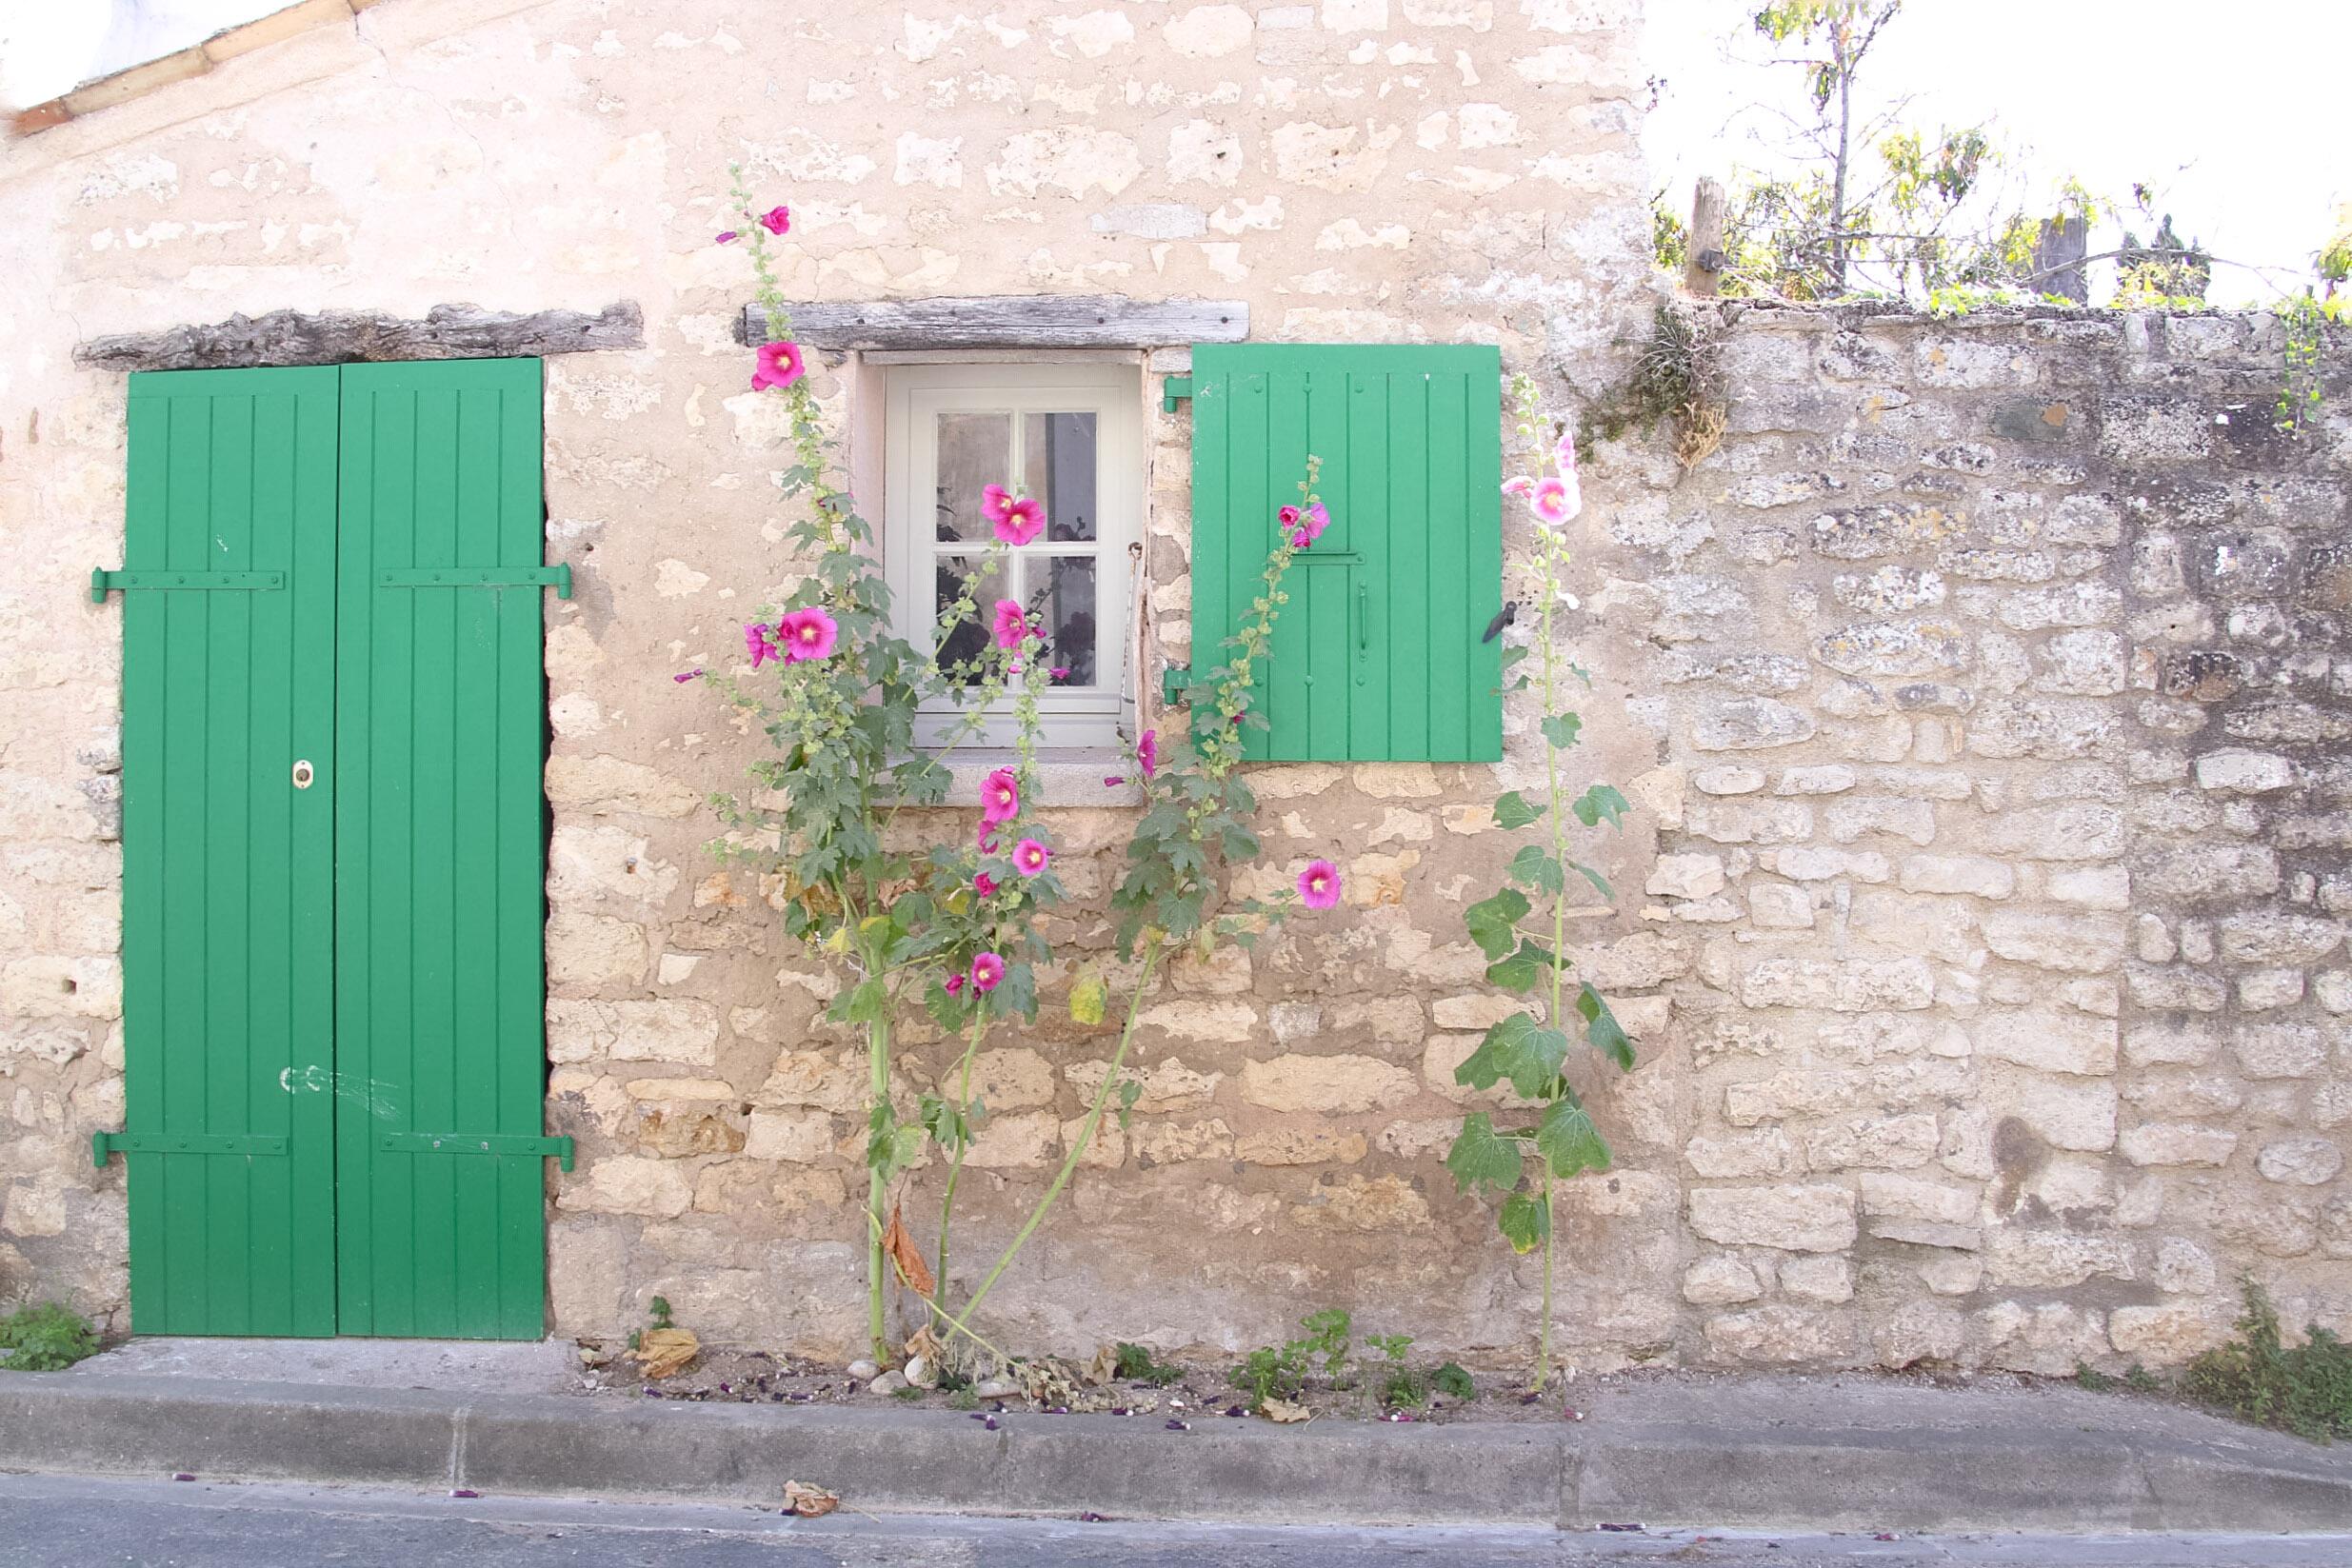 Elodie-Blog-village-arceau-volets-verts